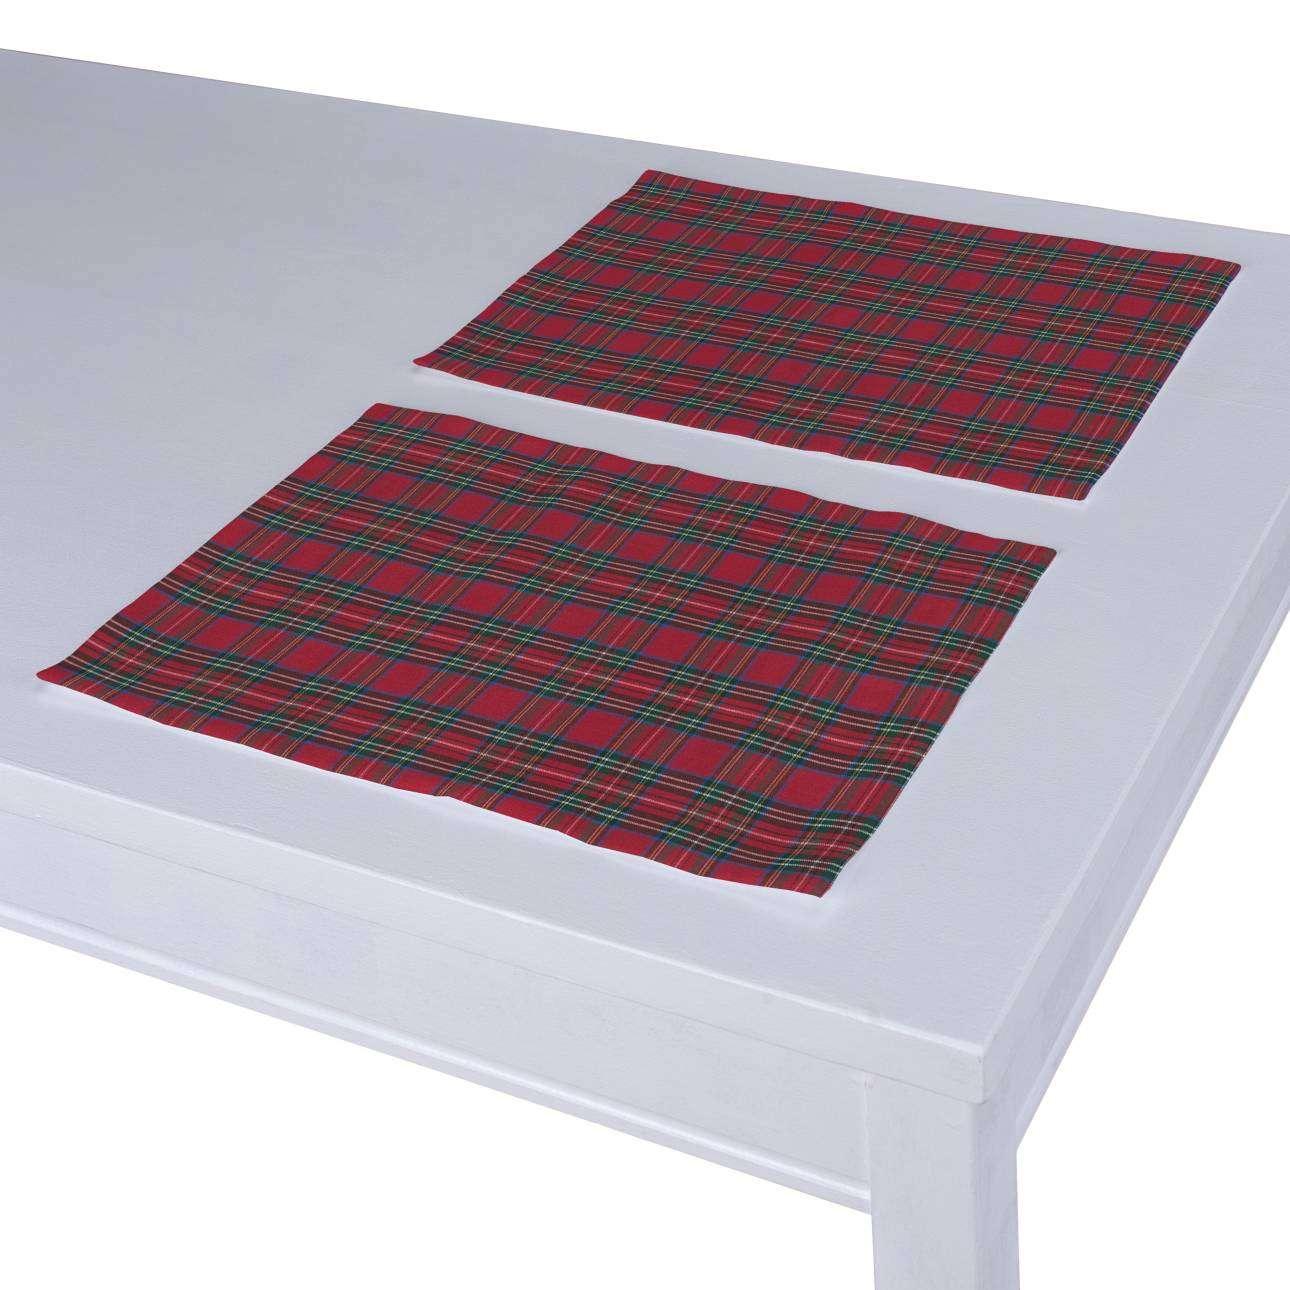 Stalo servetėlės/stalo padėkliukai – 2 vnt. 30 x 40 cm kolekcijoje Bristol, audinys: 126-29